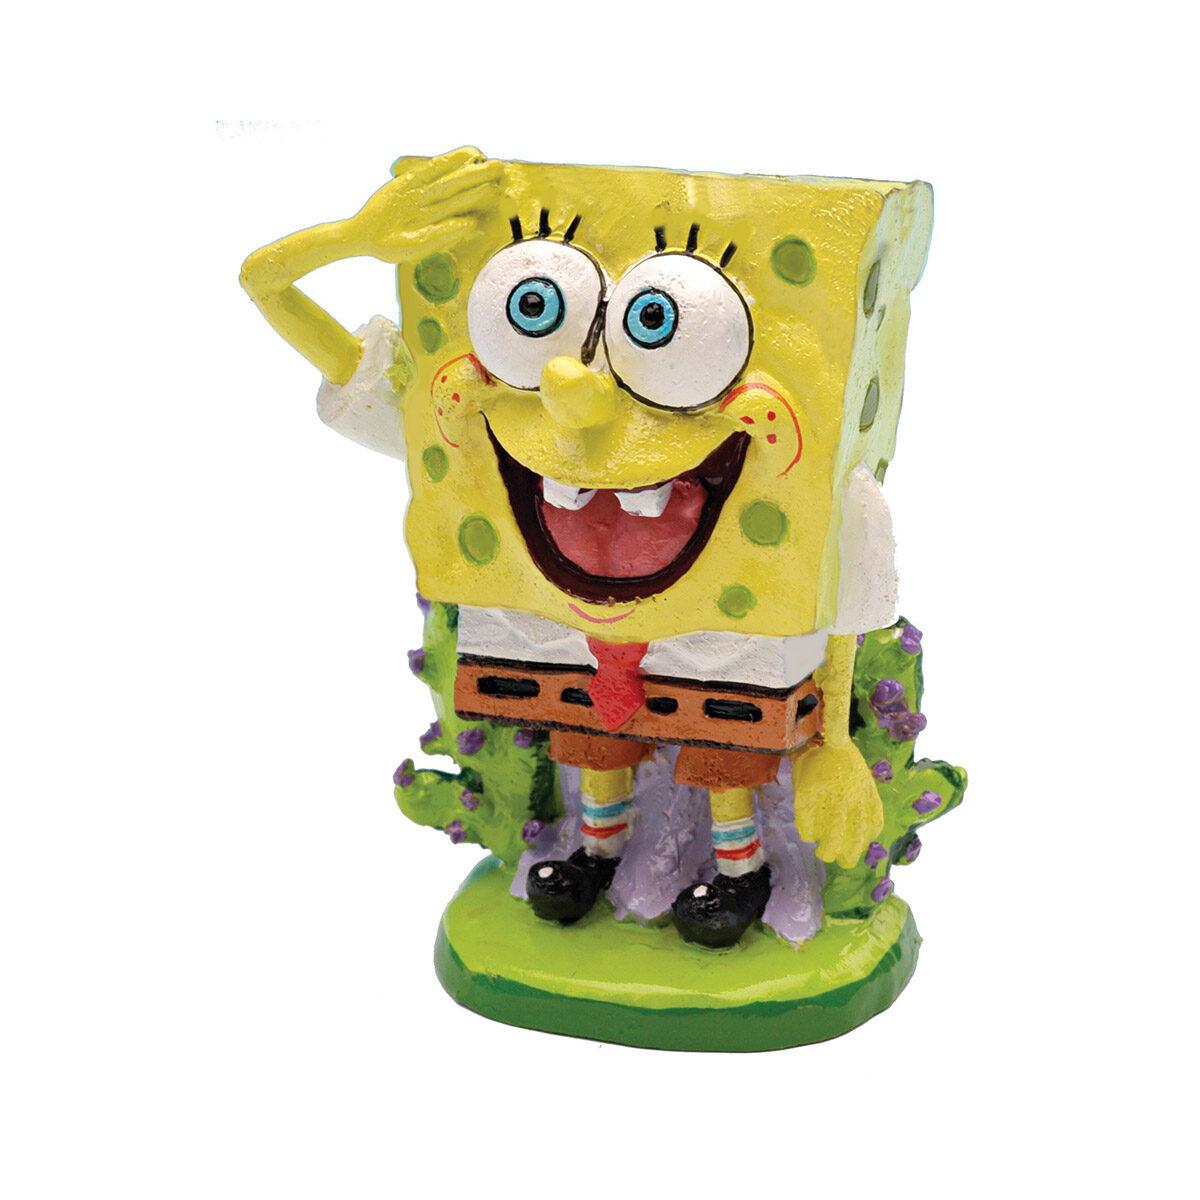 Penn Plax Ornamenten Spongebob - Spongebob 5cm - in Decoratie